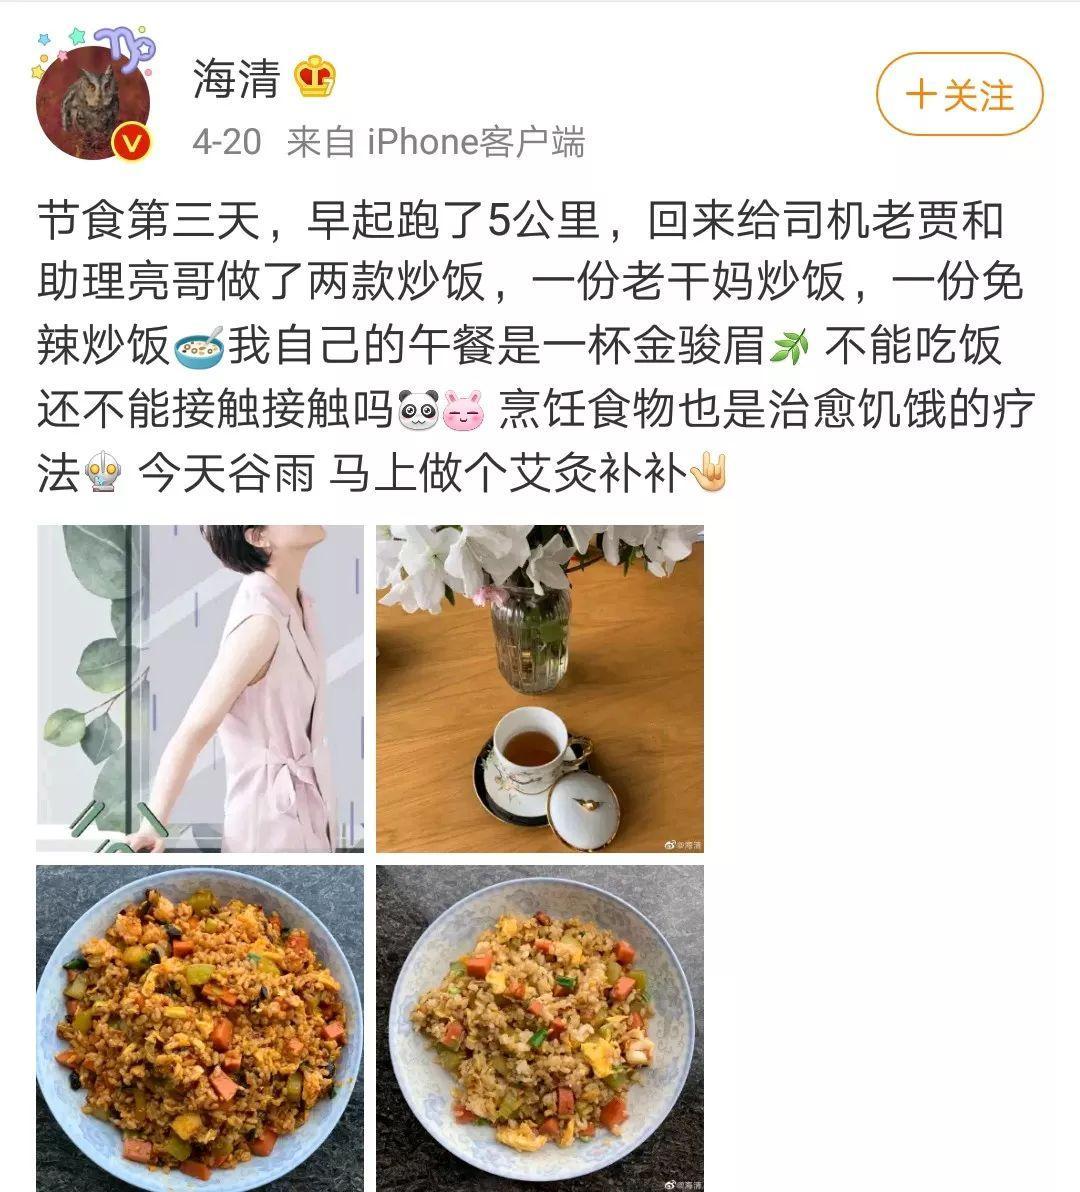 彭于晏十年没吃饱,刘诗诗五年不吃主食!明星的自律,骗了多少人?(图13)